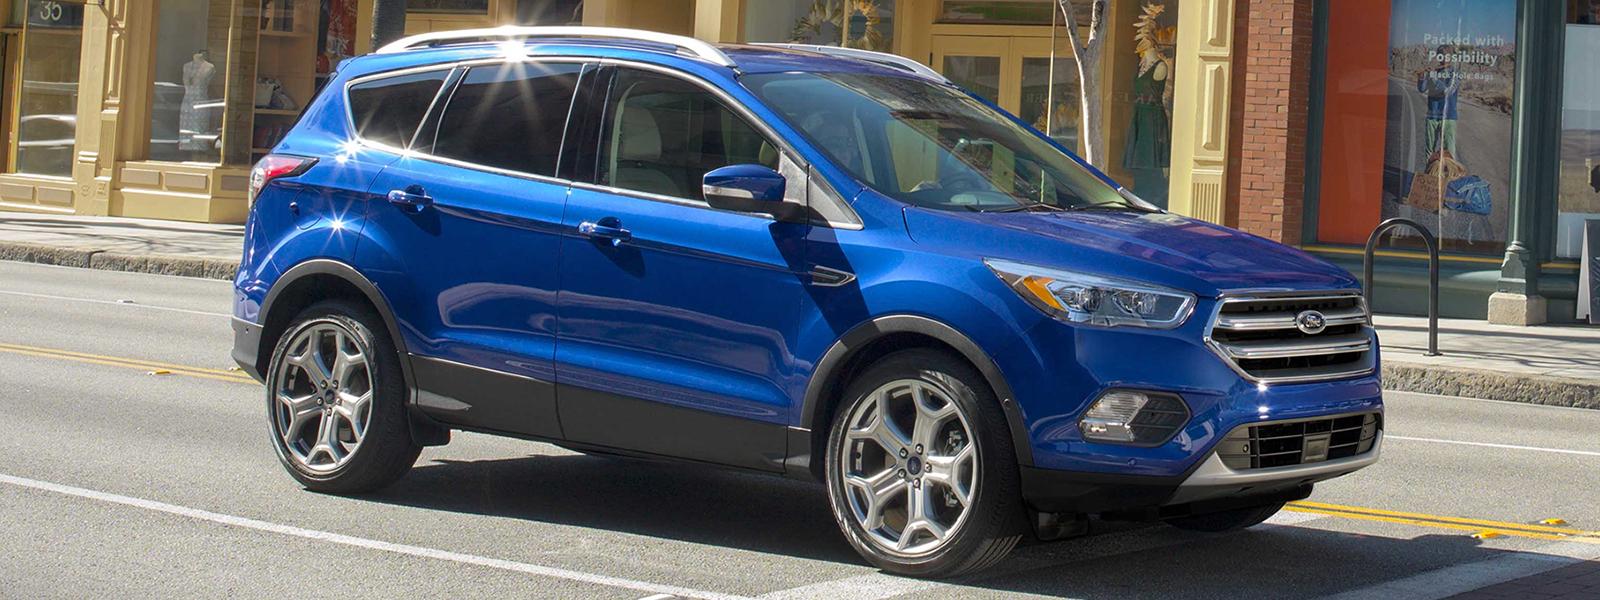 2017 Ford Escape Inventory Boston, Massachusetts (MA)